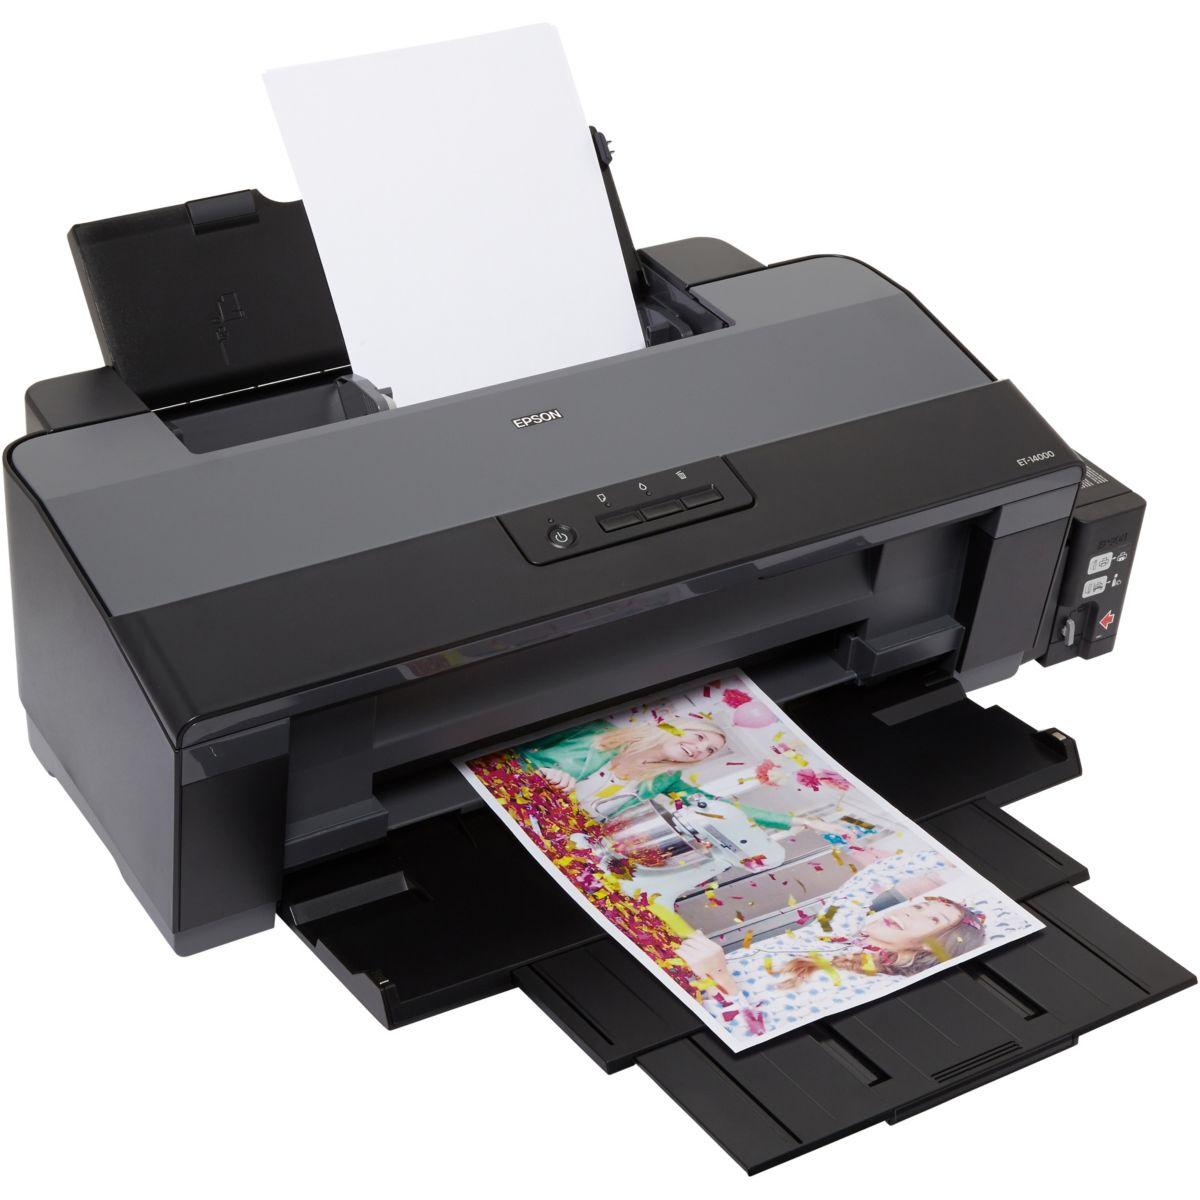 Imprimante multifonction jet d'encre EPSON EcoTank ET-14000